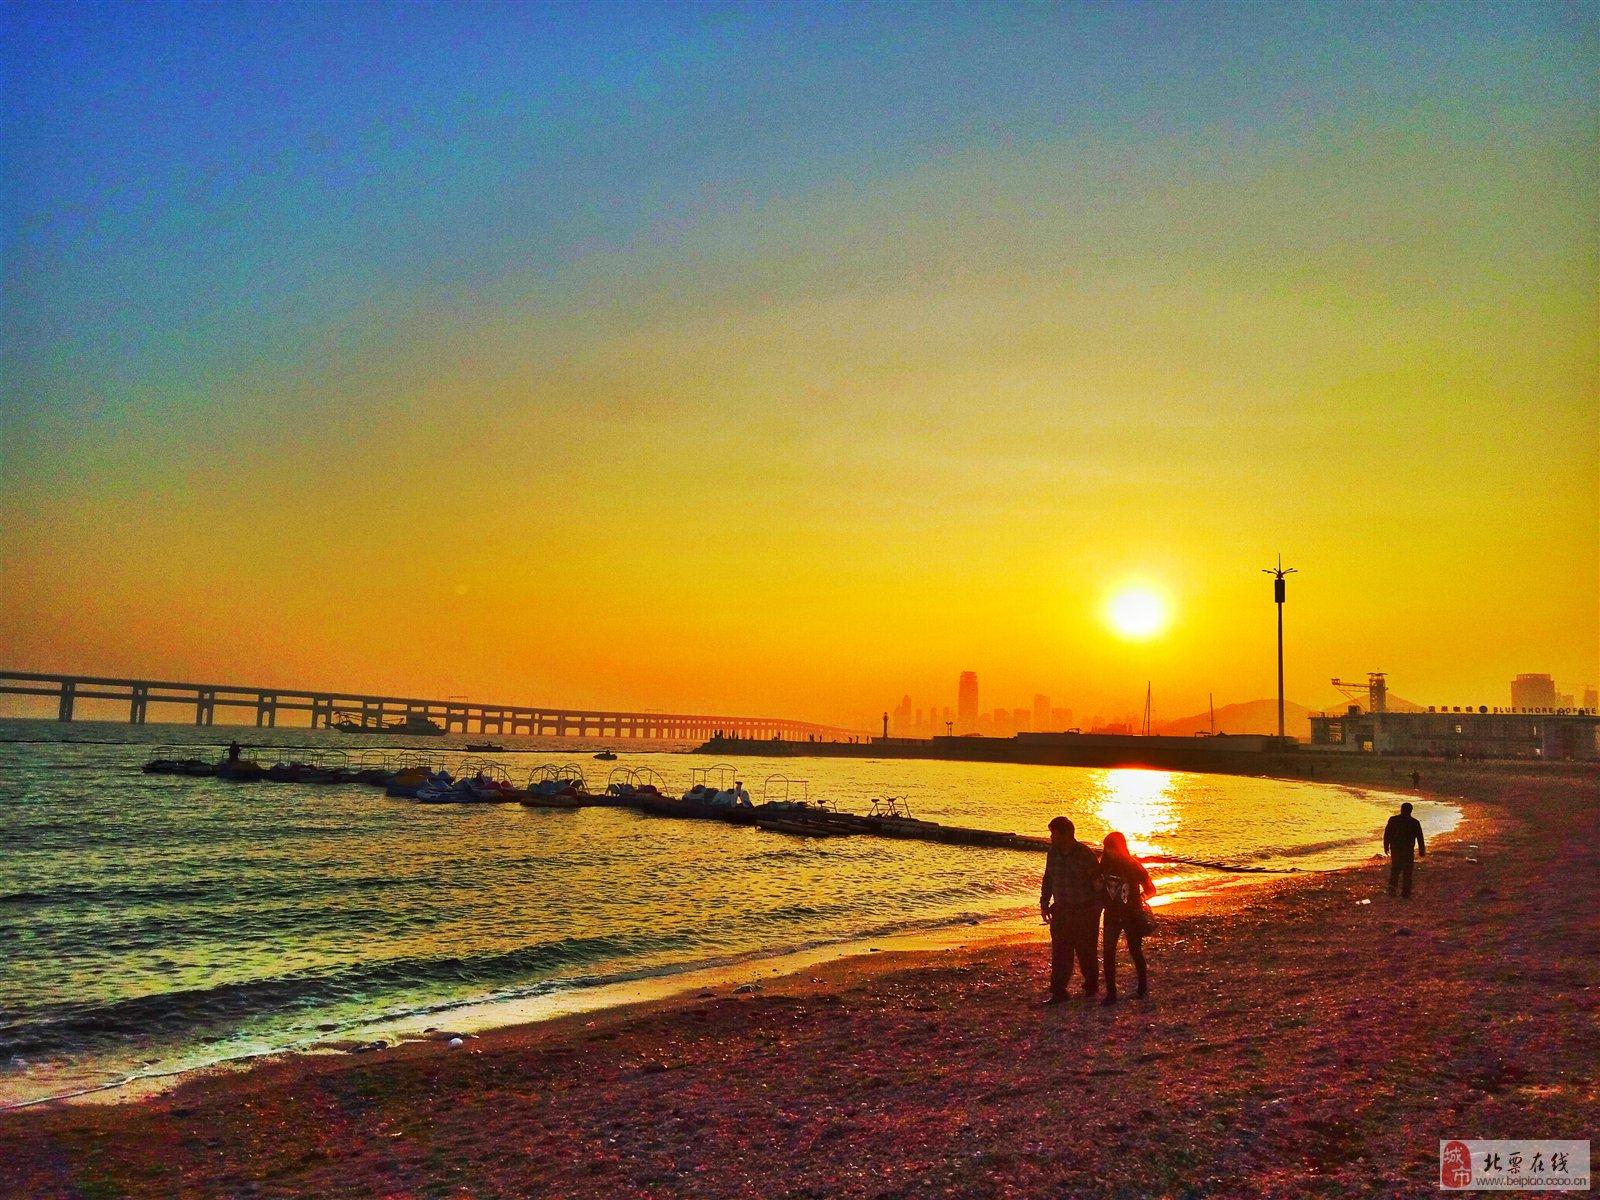 微信头像最美夕阳风景